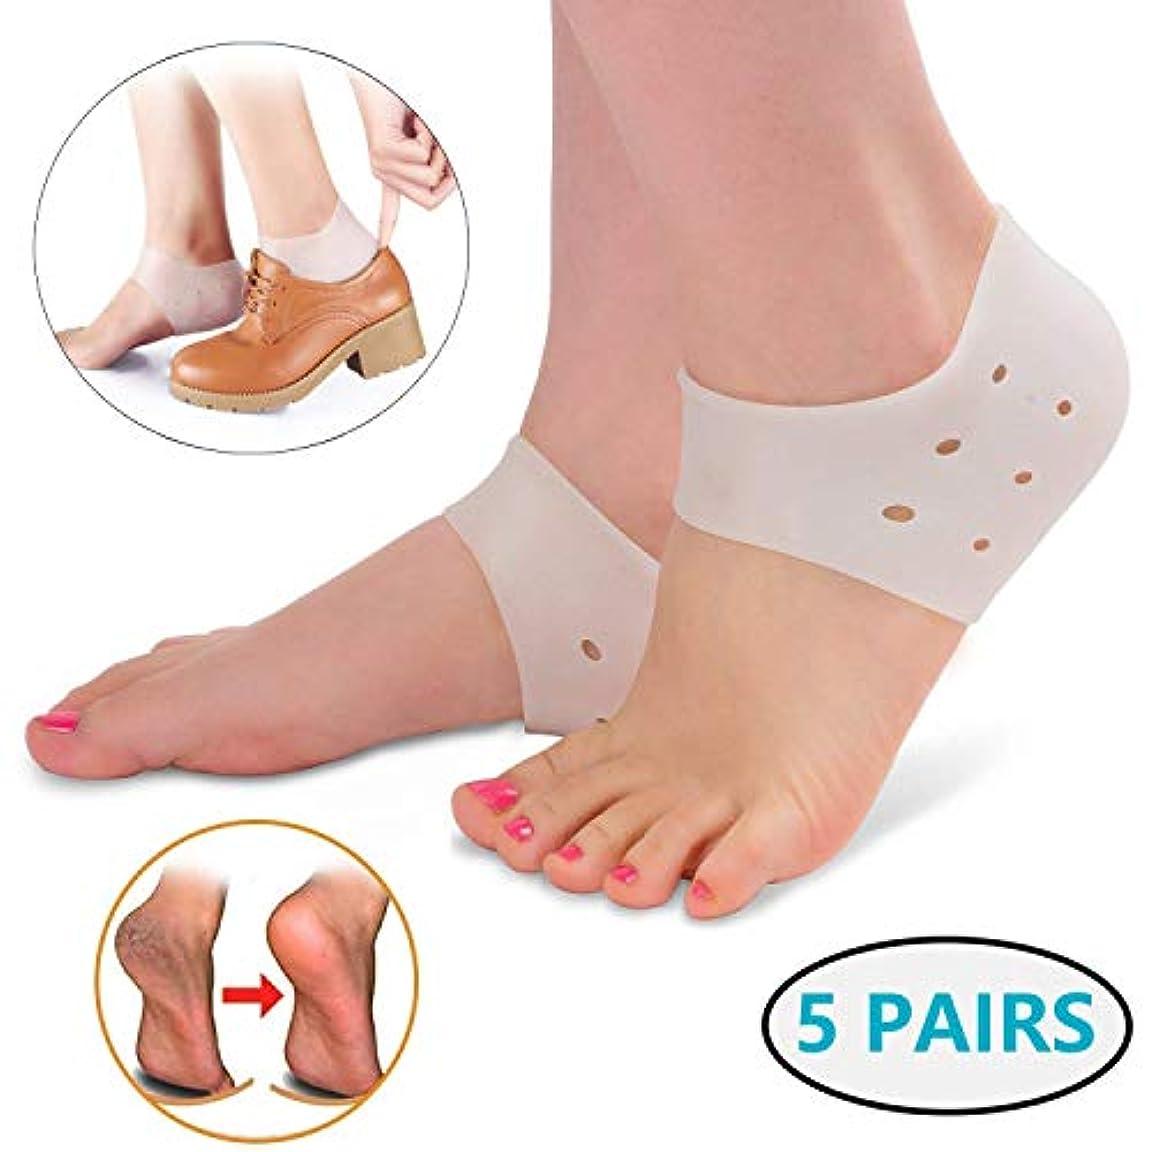 着飾るただやるバッグ足底筋膜炎のヒールカップ-ヒールの痛みのためのゲルヒールパッドクッション、男性と女性のための乾燥したひびの入ったヒールとアキレス腱炎(5ペア)